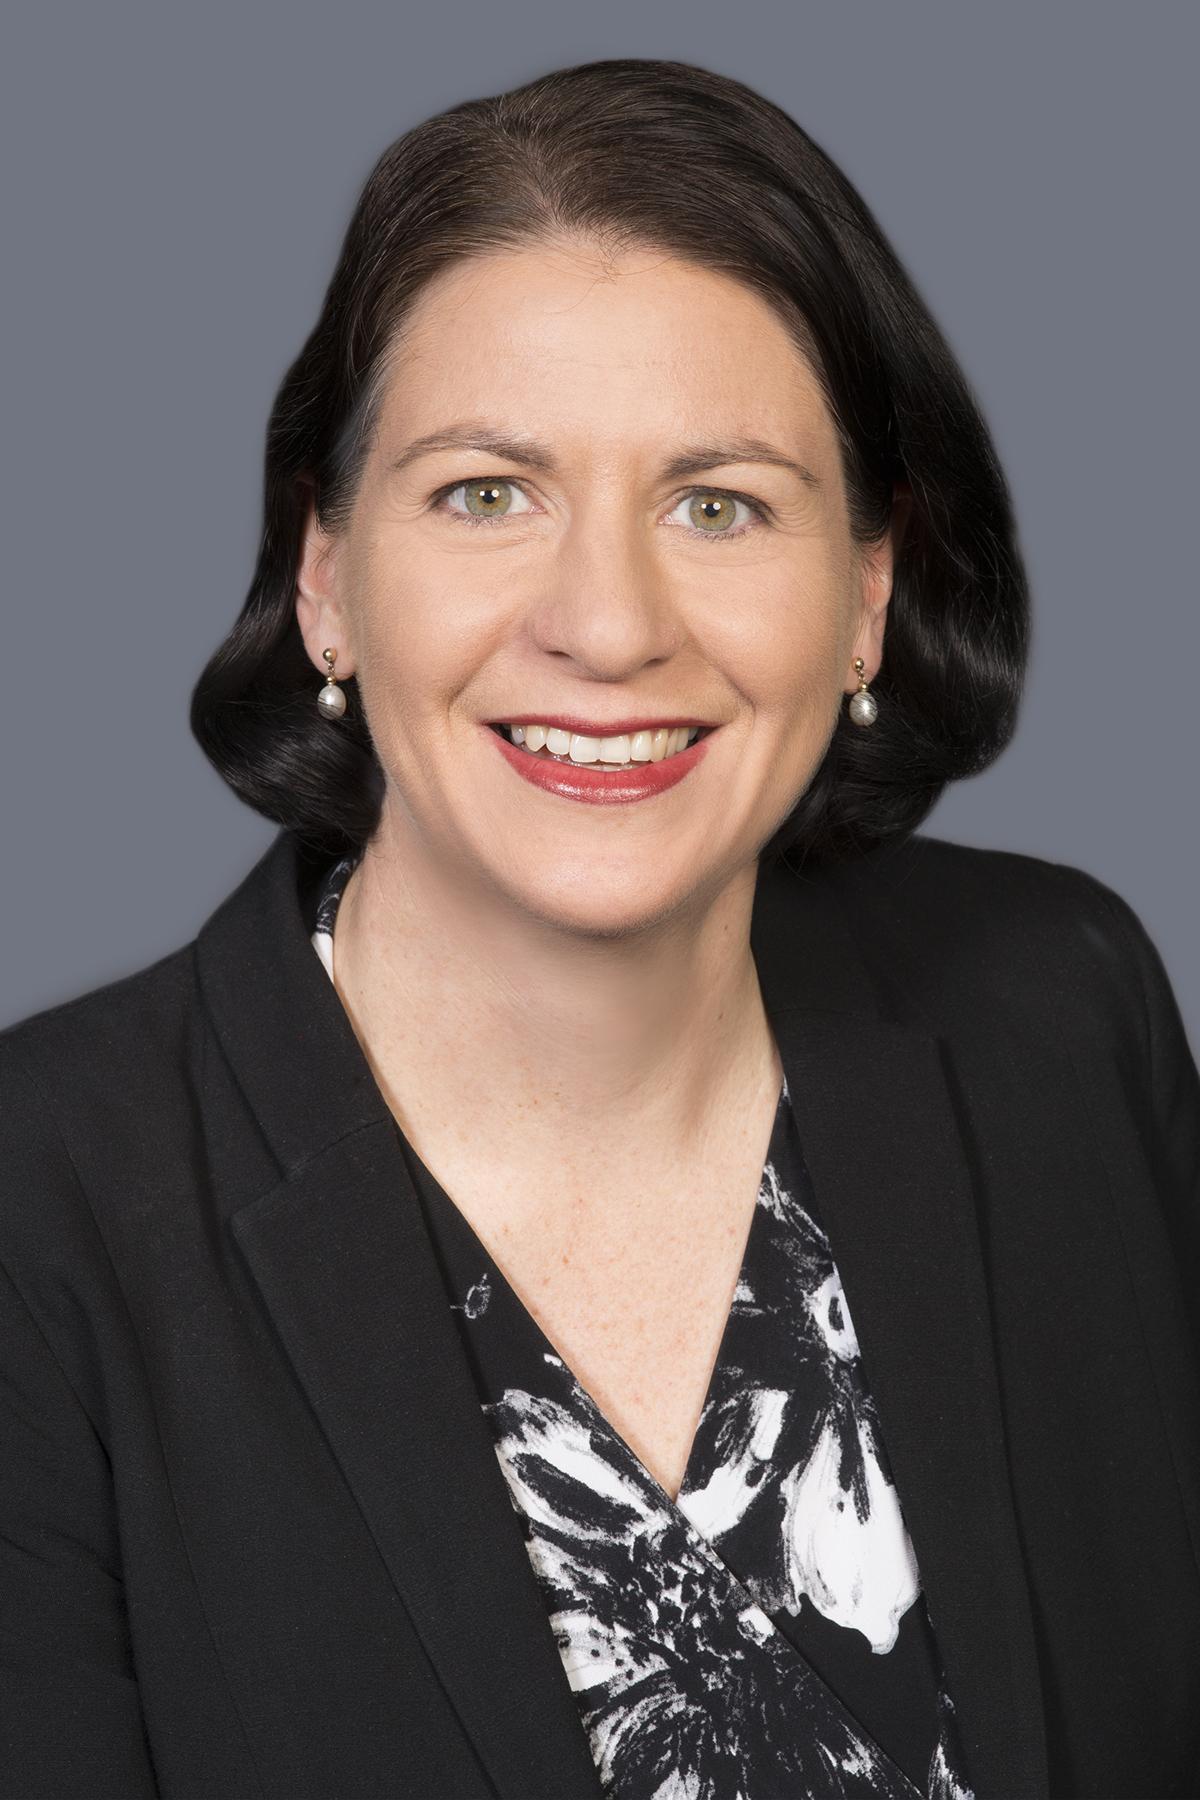 Fiona Slavin